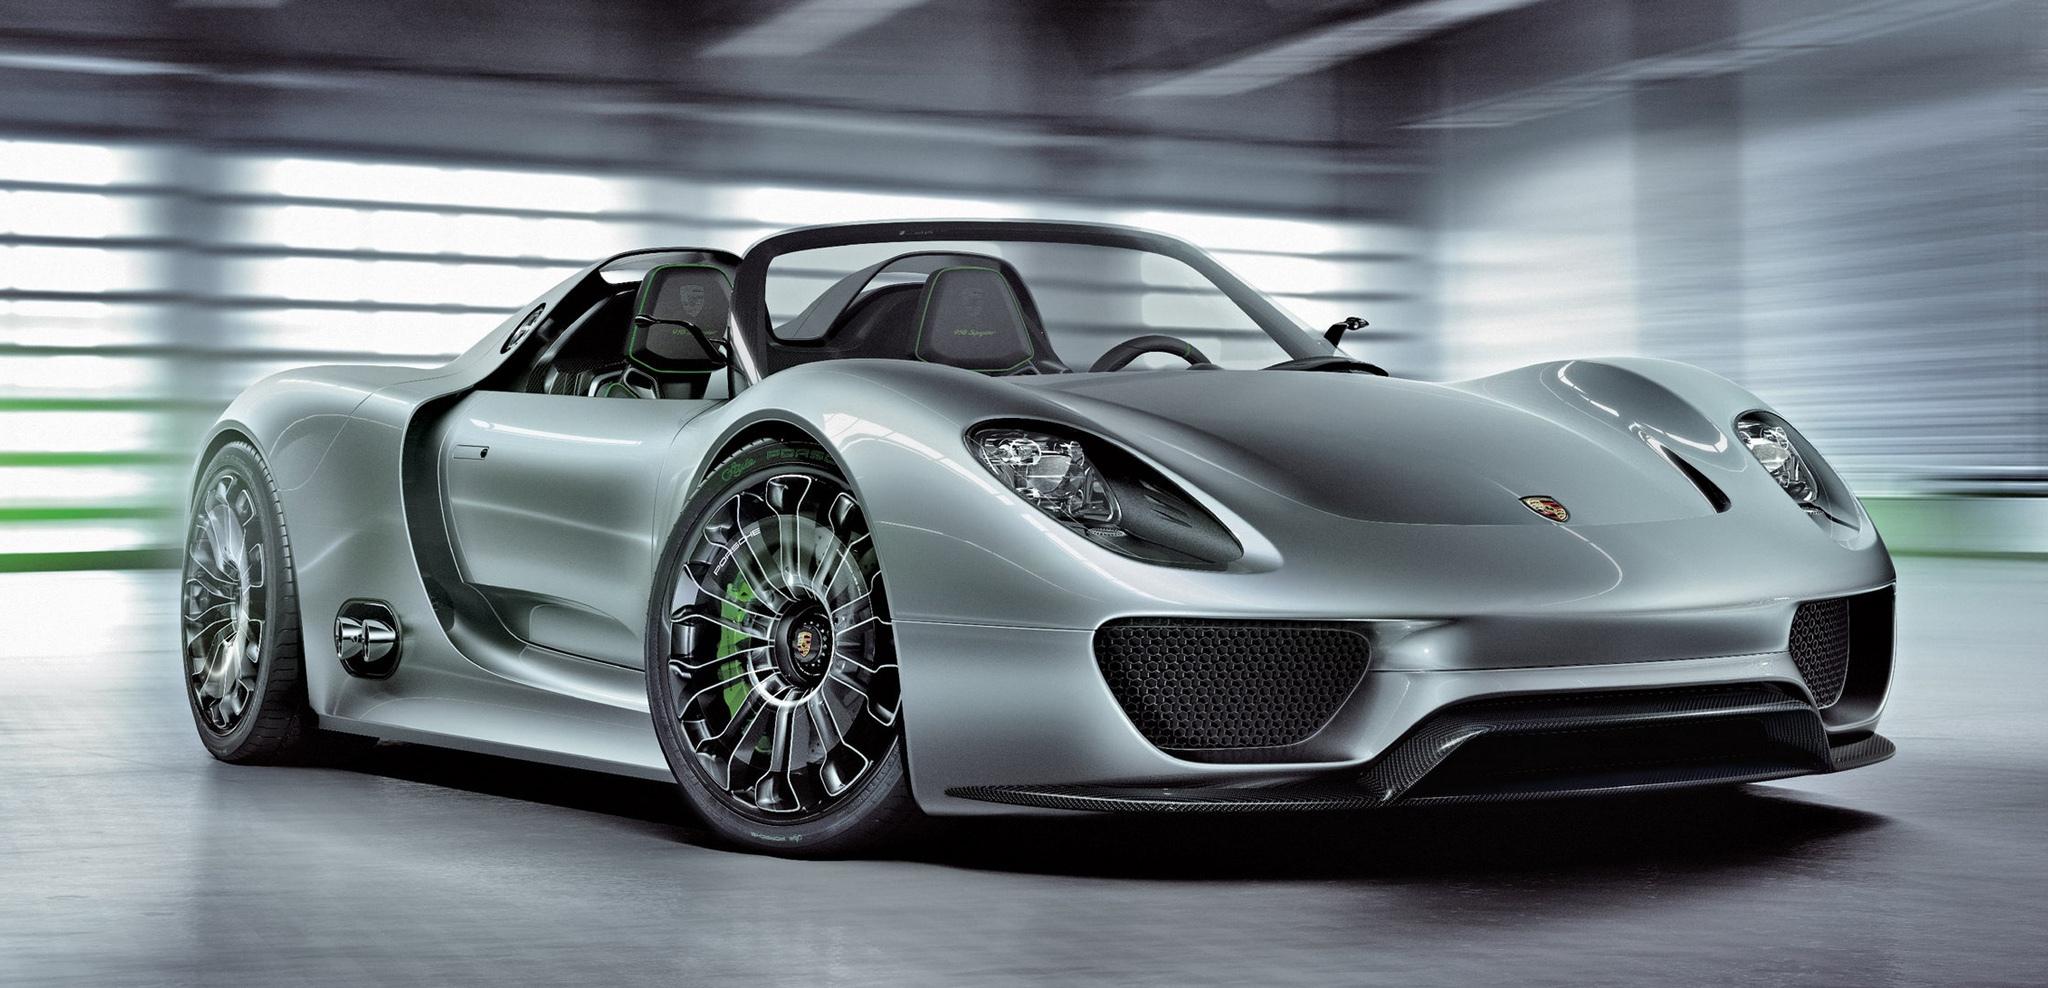 Porsche 918 Spyder Hybrid | Electro-machines.ru